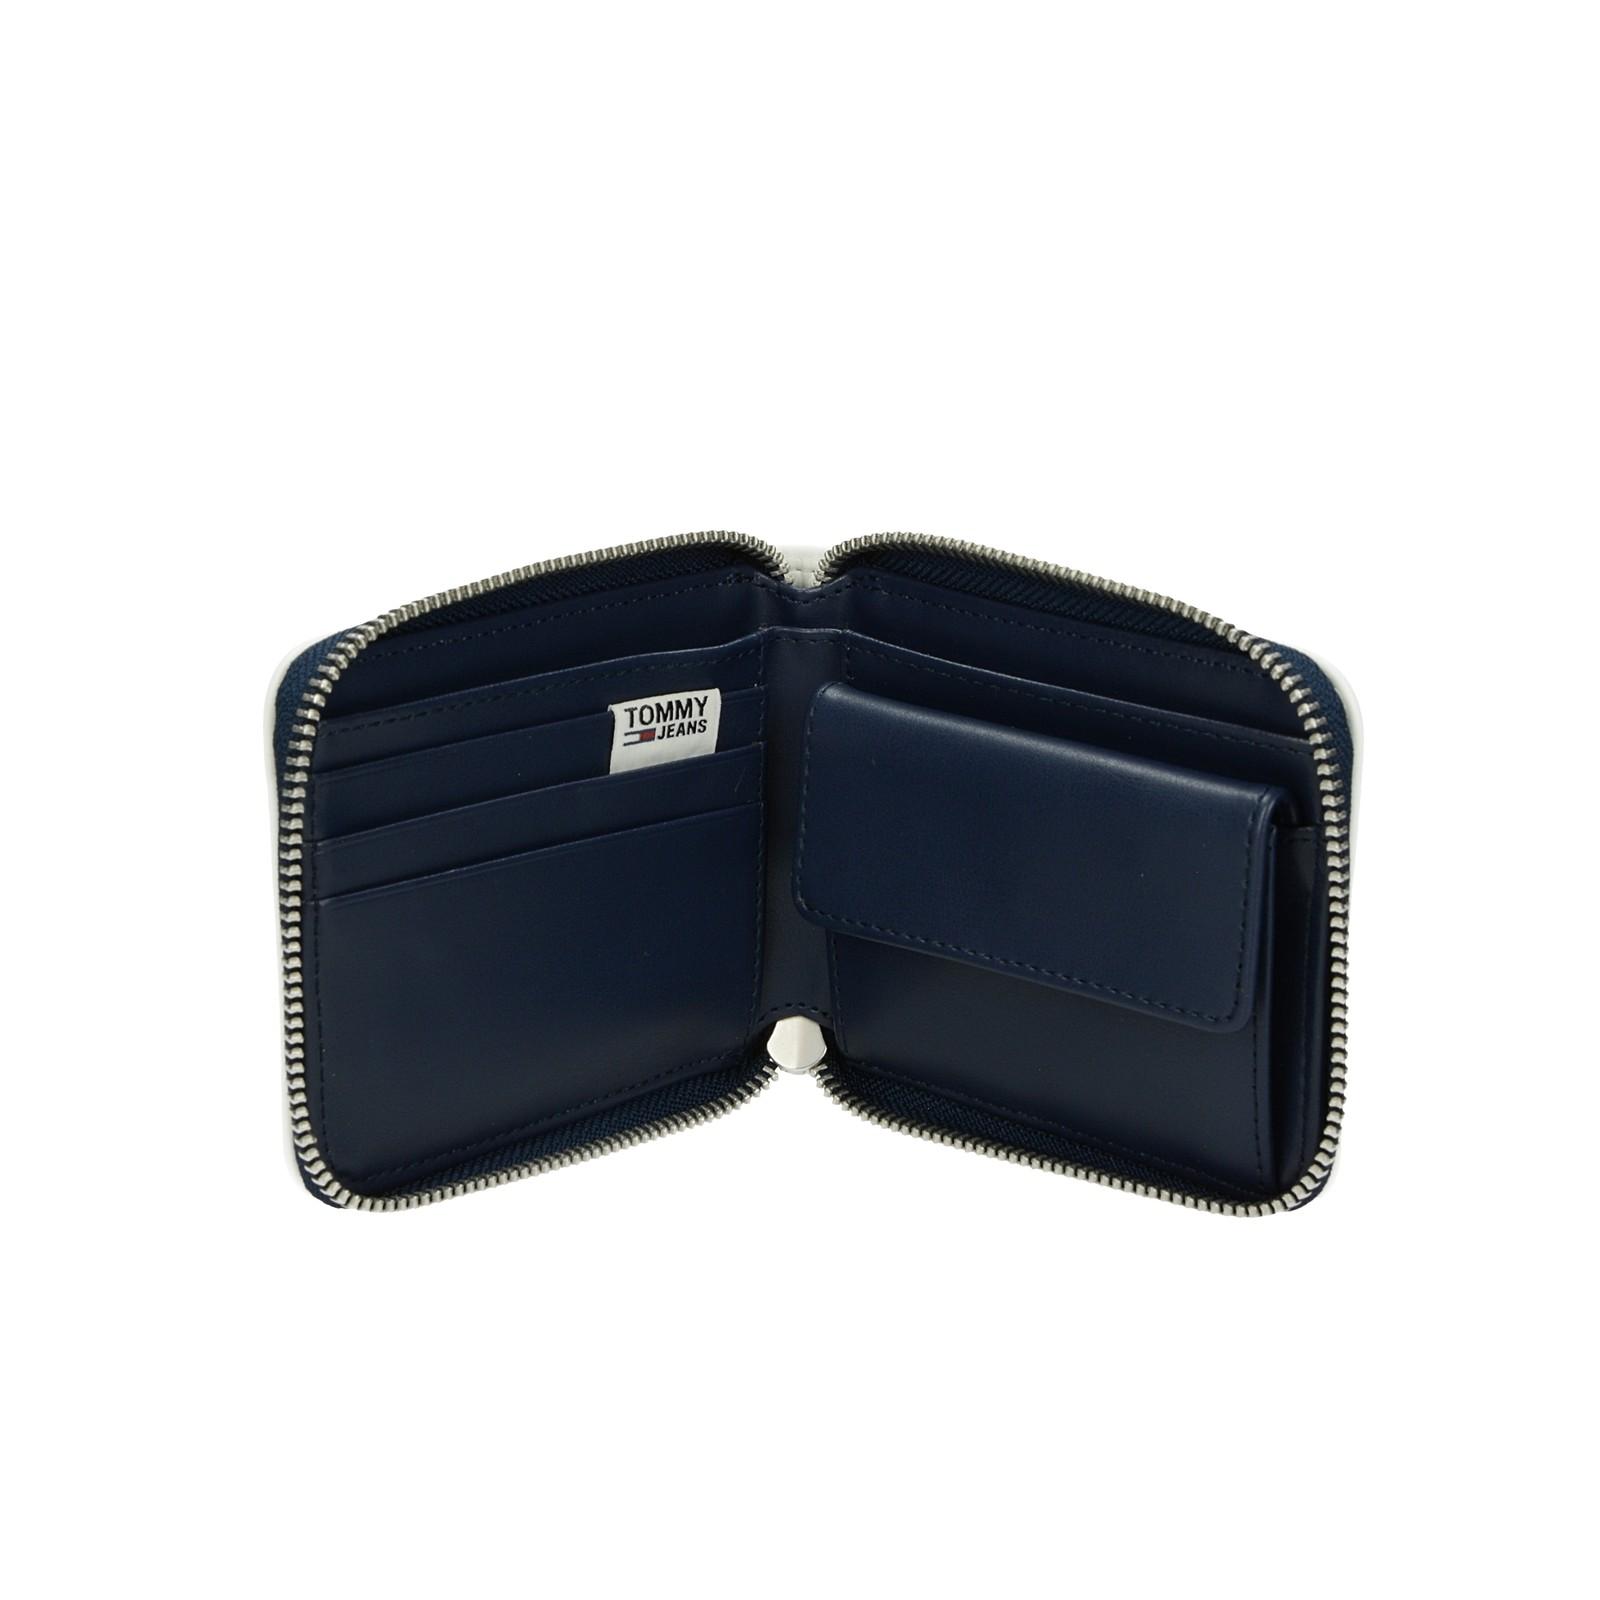 Tommy Hilfiger dámska štýlová peňaženka - modrá